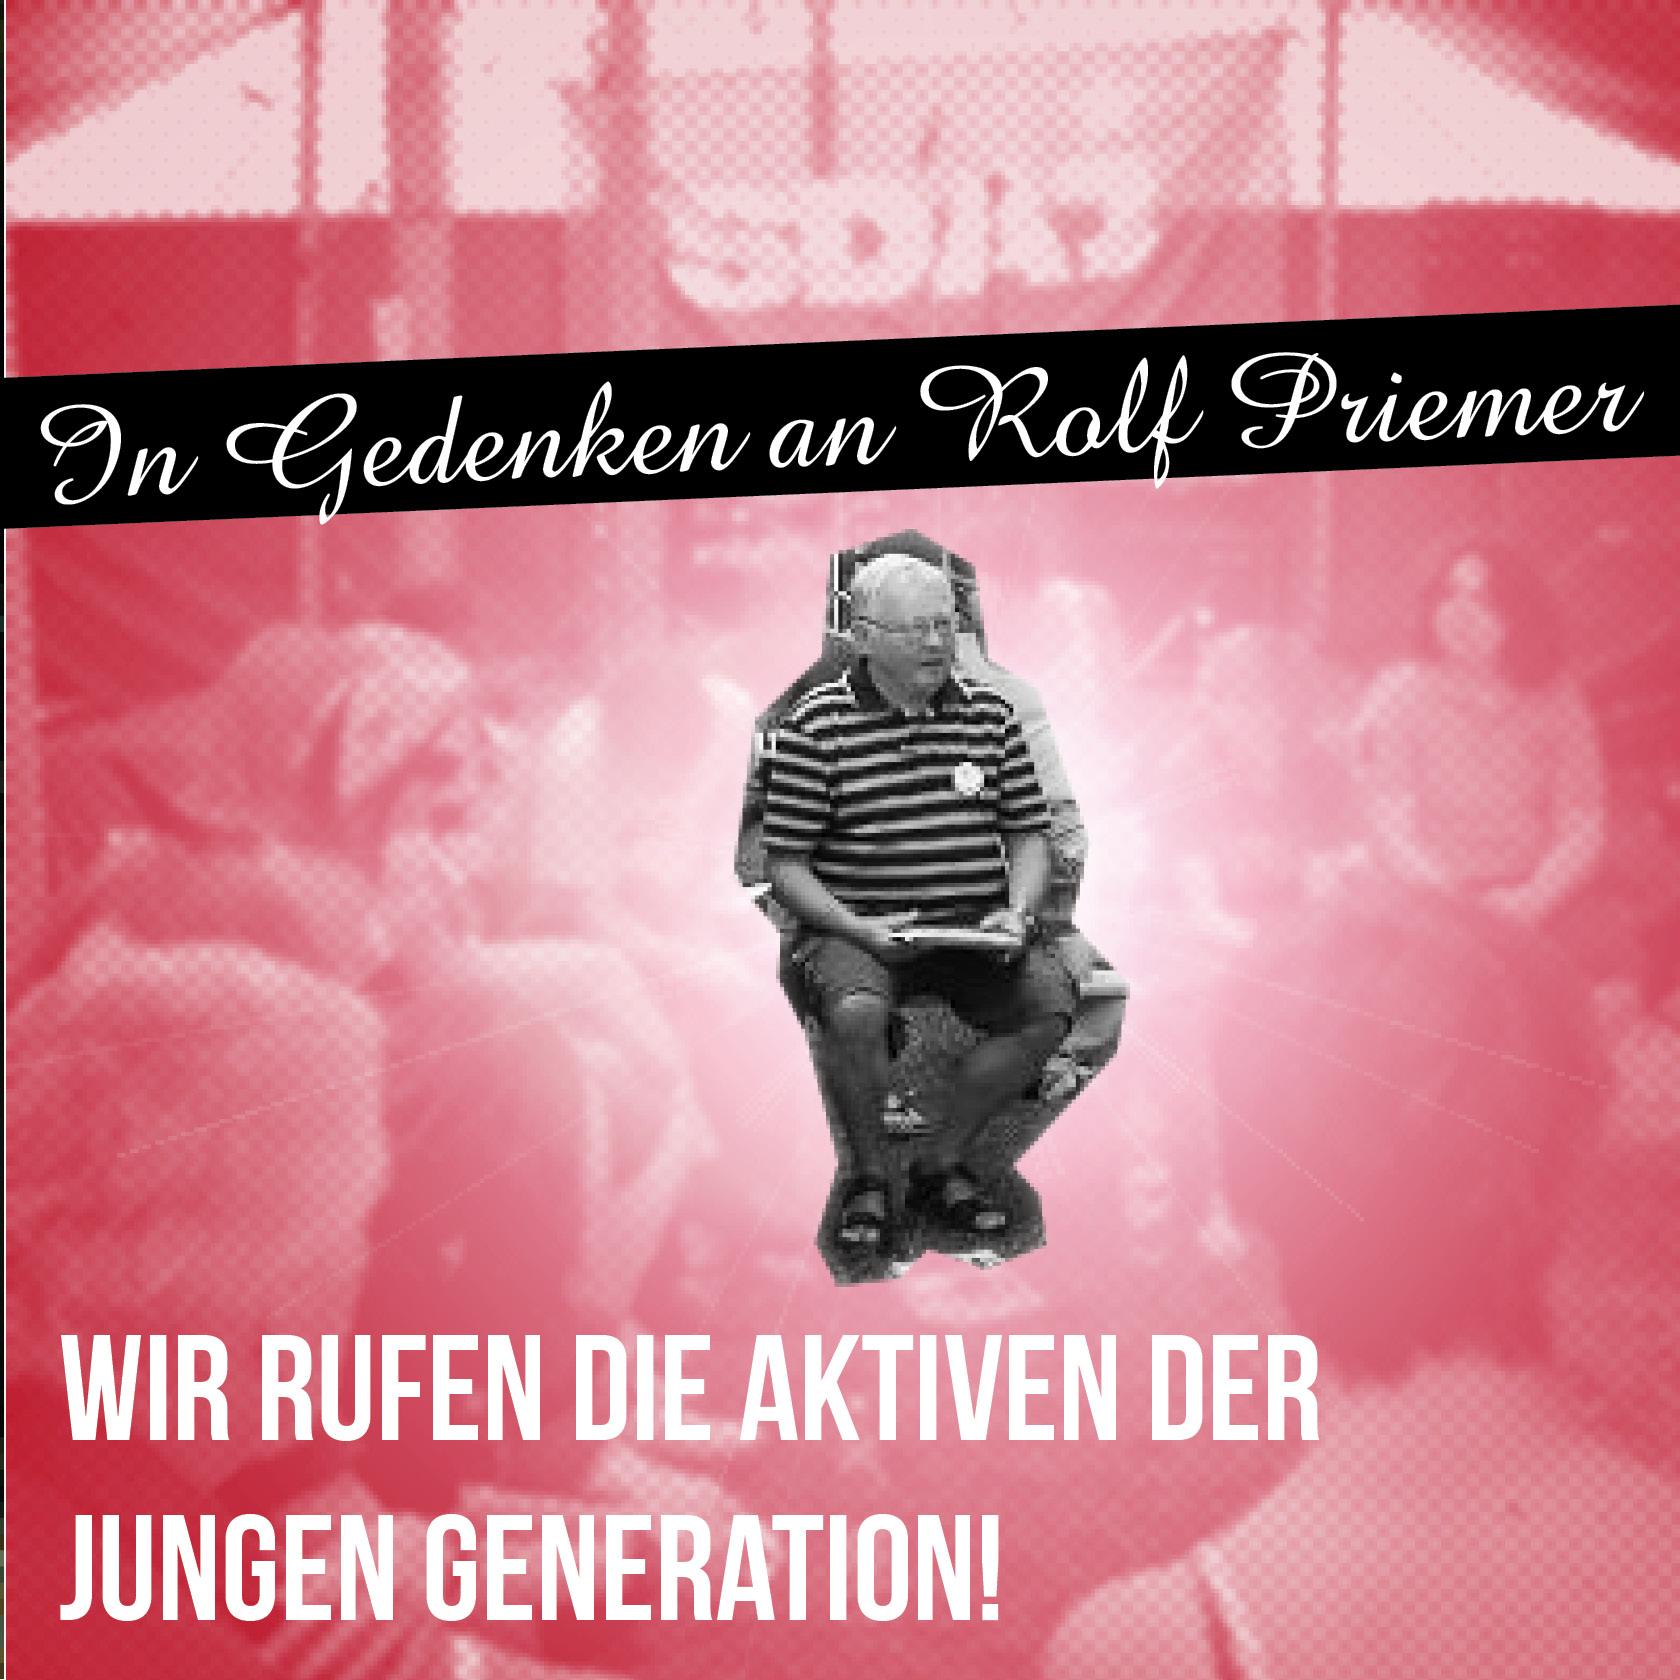 Rolli – dein Kampf geht weiter!